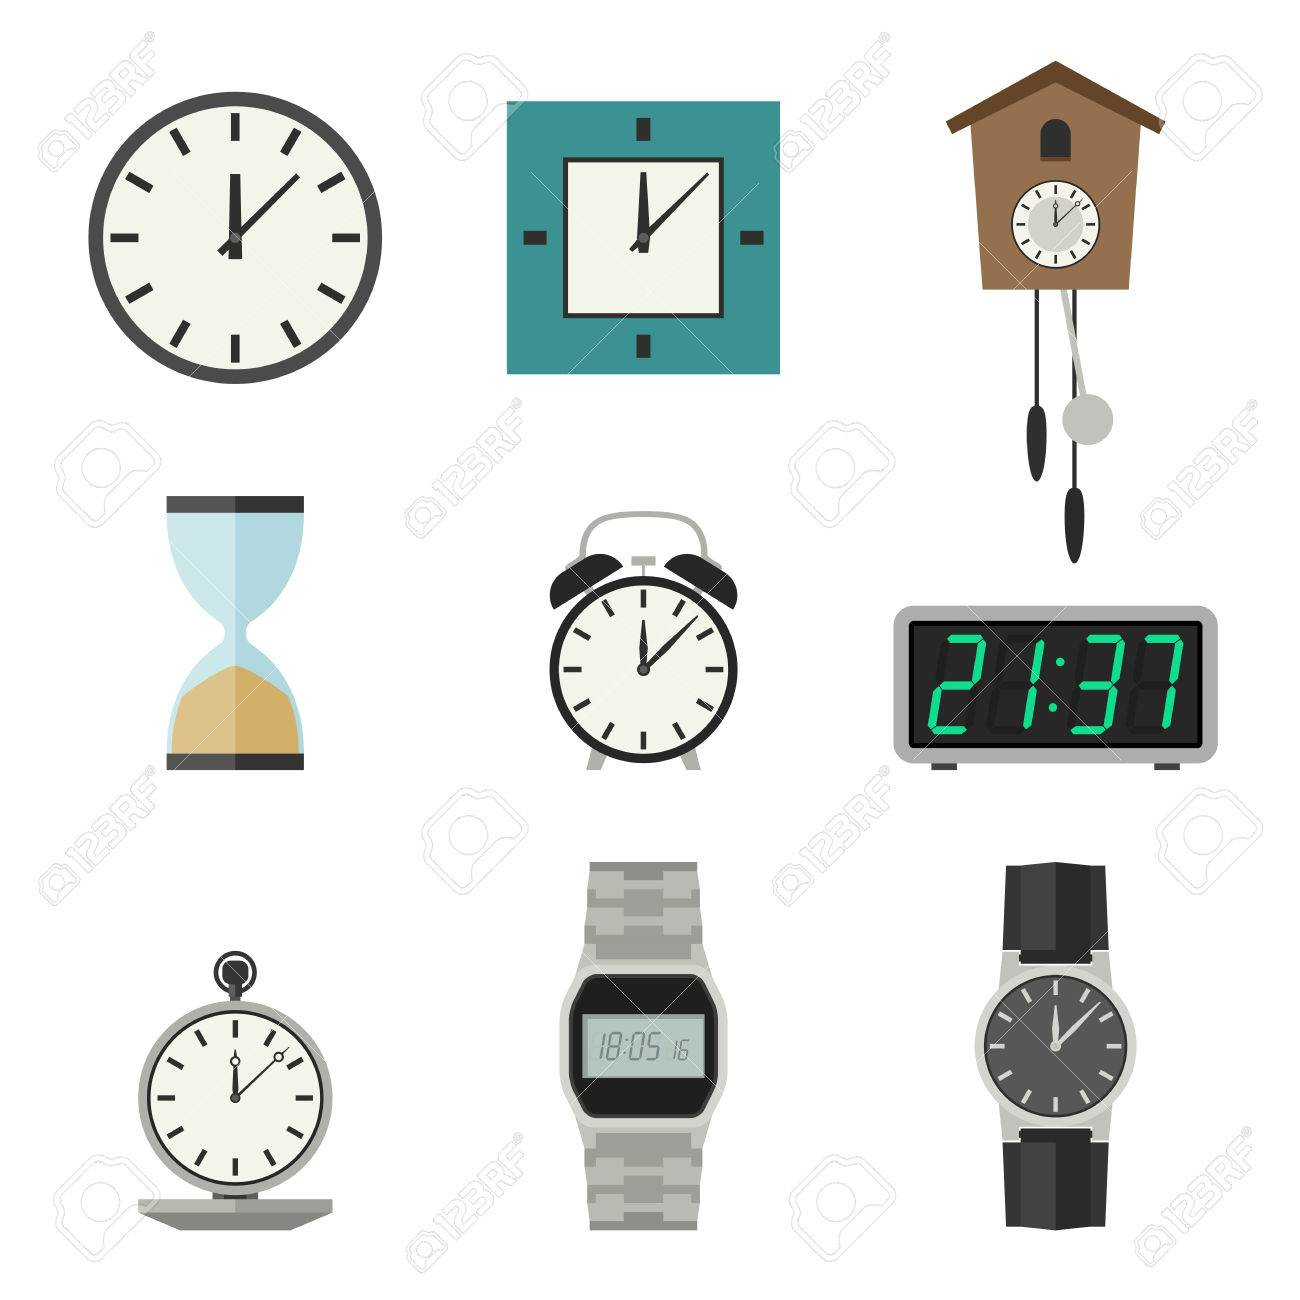 Reloj Y Relojes Iconos Conjunto De Vectores Los Diferentes Tipos De